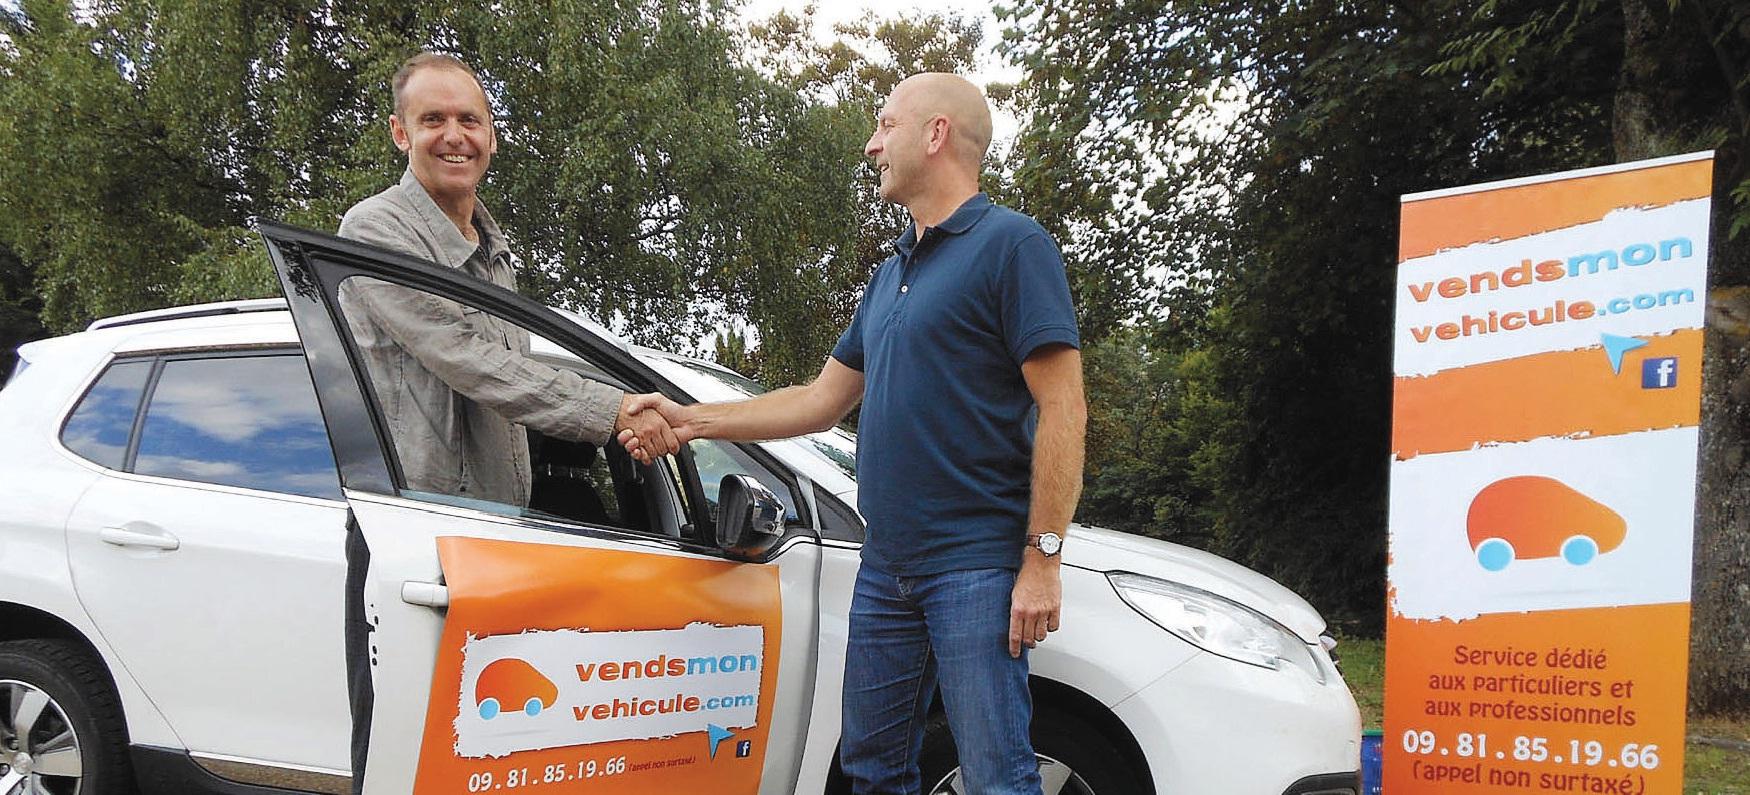 Frédéric Bienaimé (à gauche), pilote de vendsmonvehicule.com, entend développer ses services auprès des pros de l'automobile.